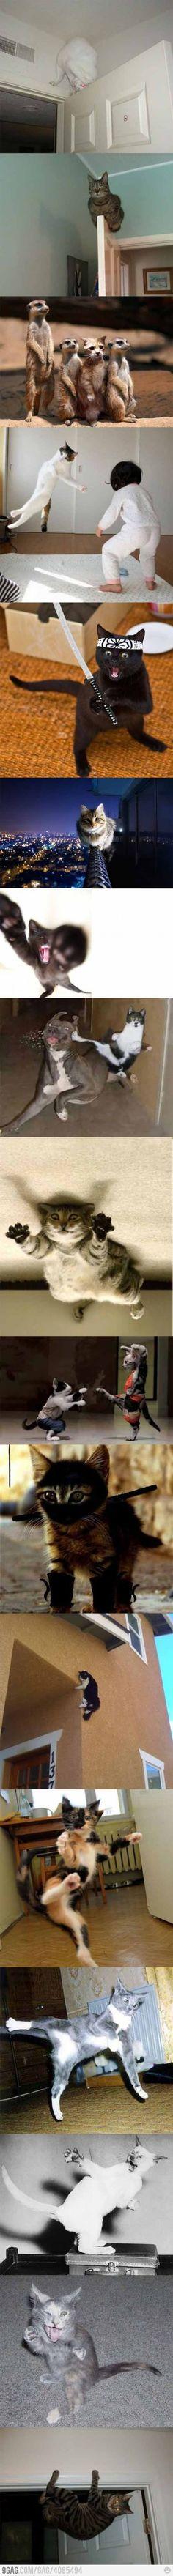 Por que gatos são tão ninjas?! O.o  Ninja Cats compilation